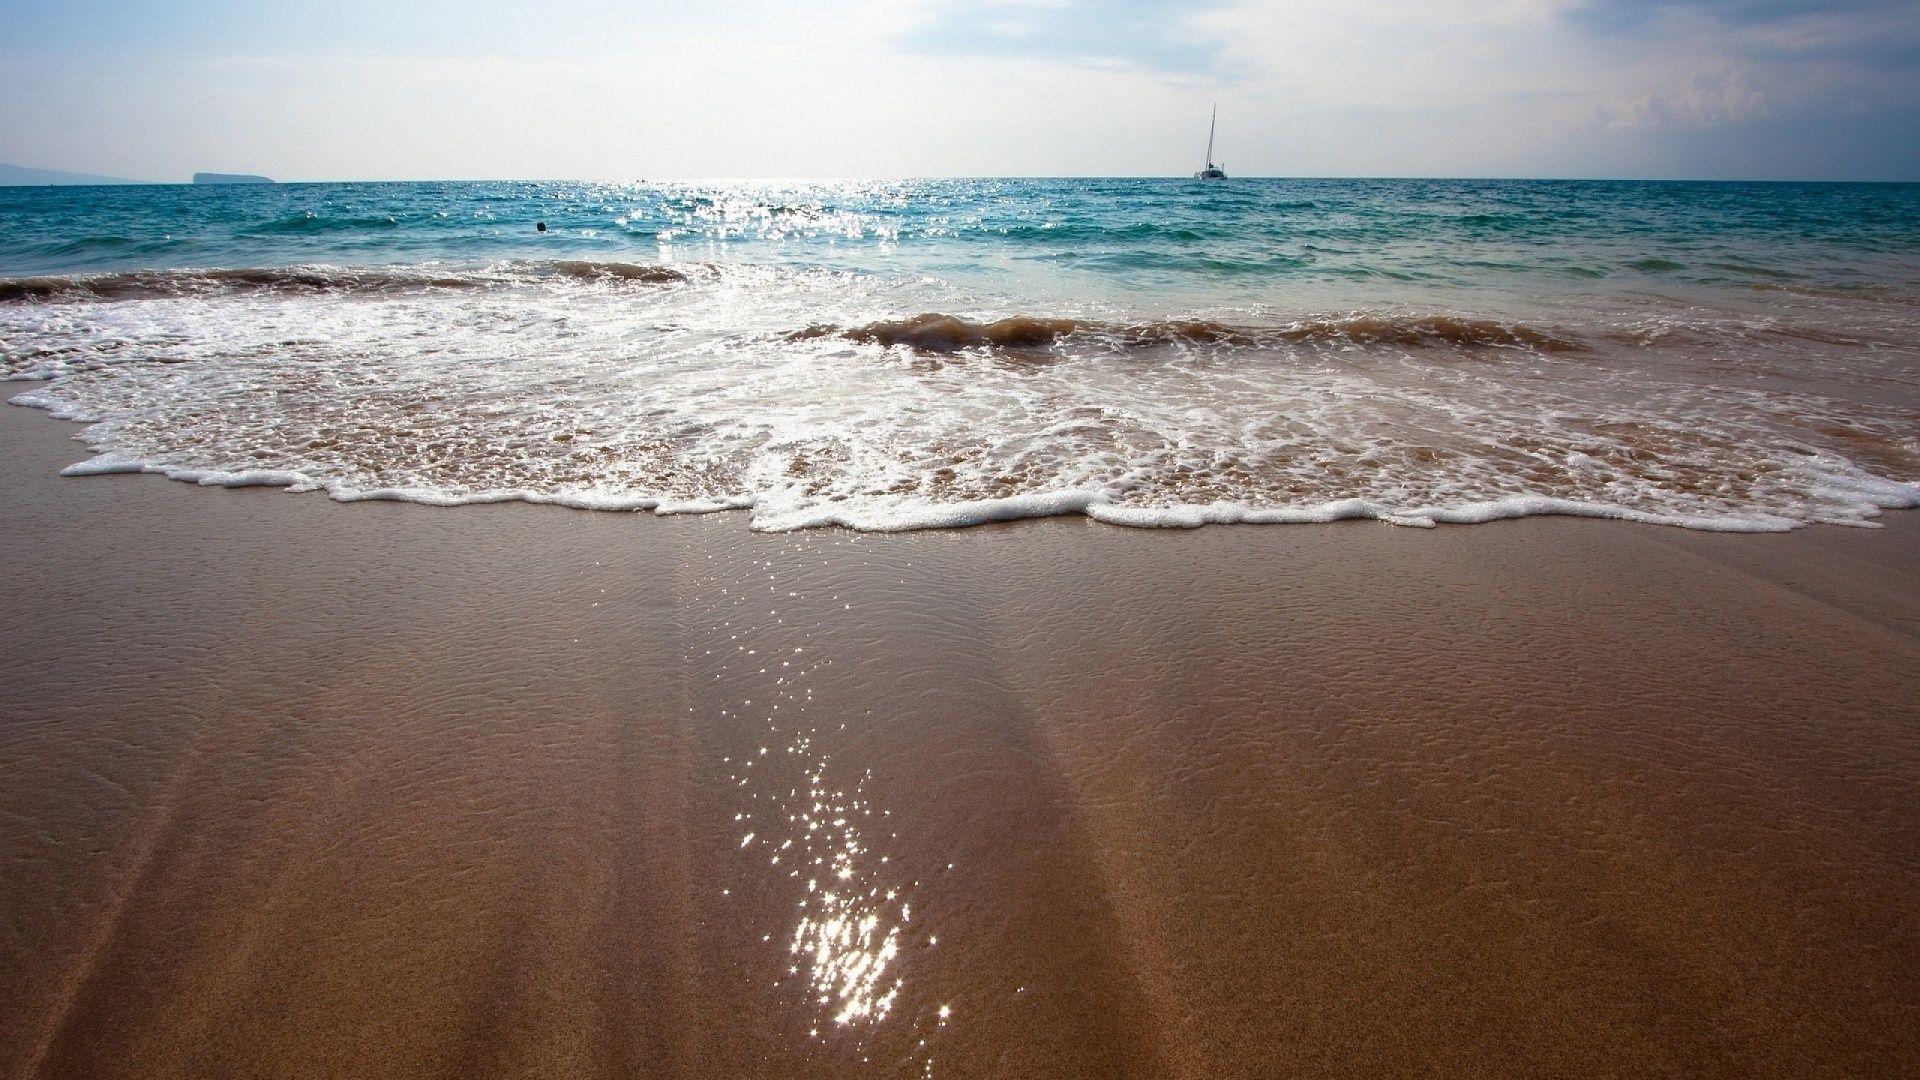 1920x1080 Brown Sand Beach Wallpaper Beach Wallpaper Beach Sand Beach Photos